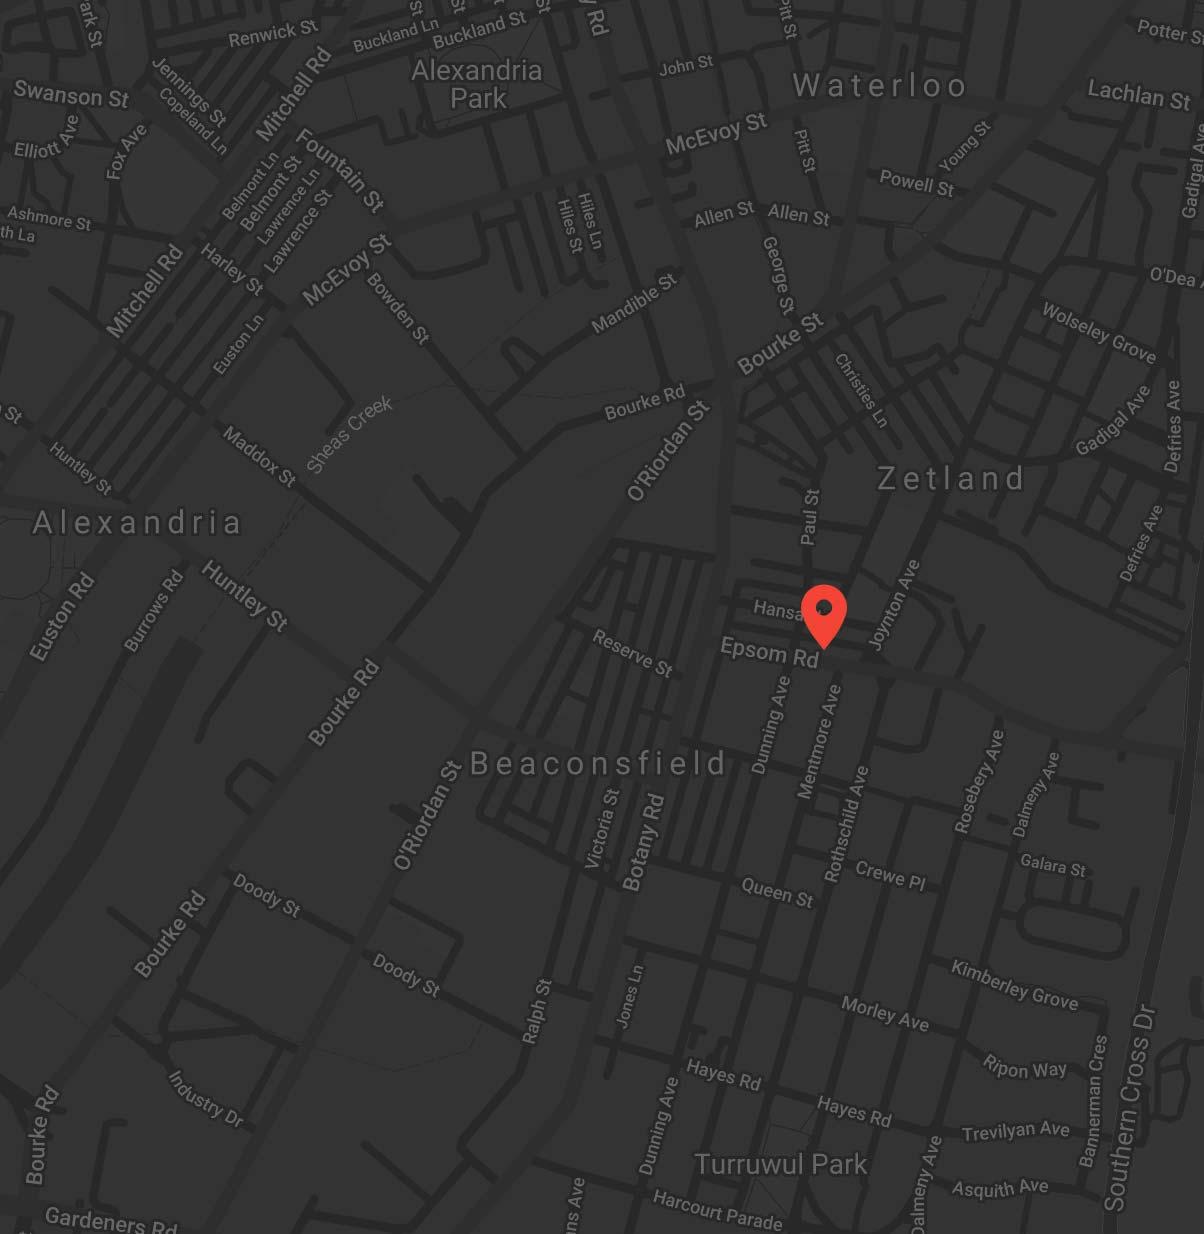 VTT Zetland location map